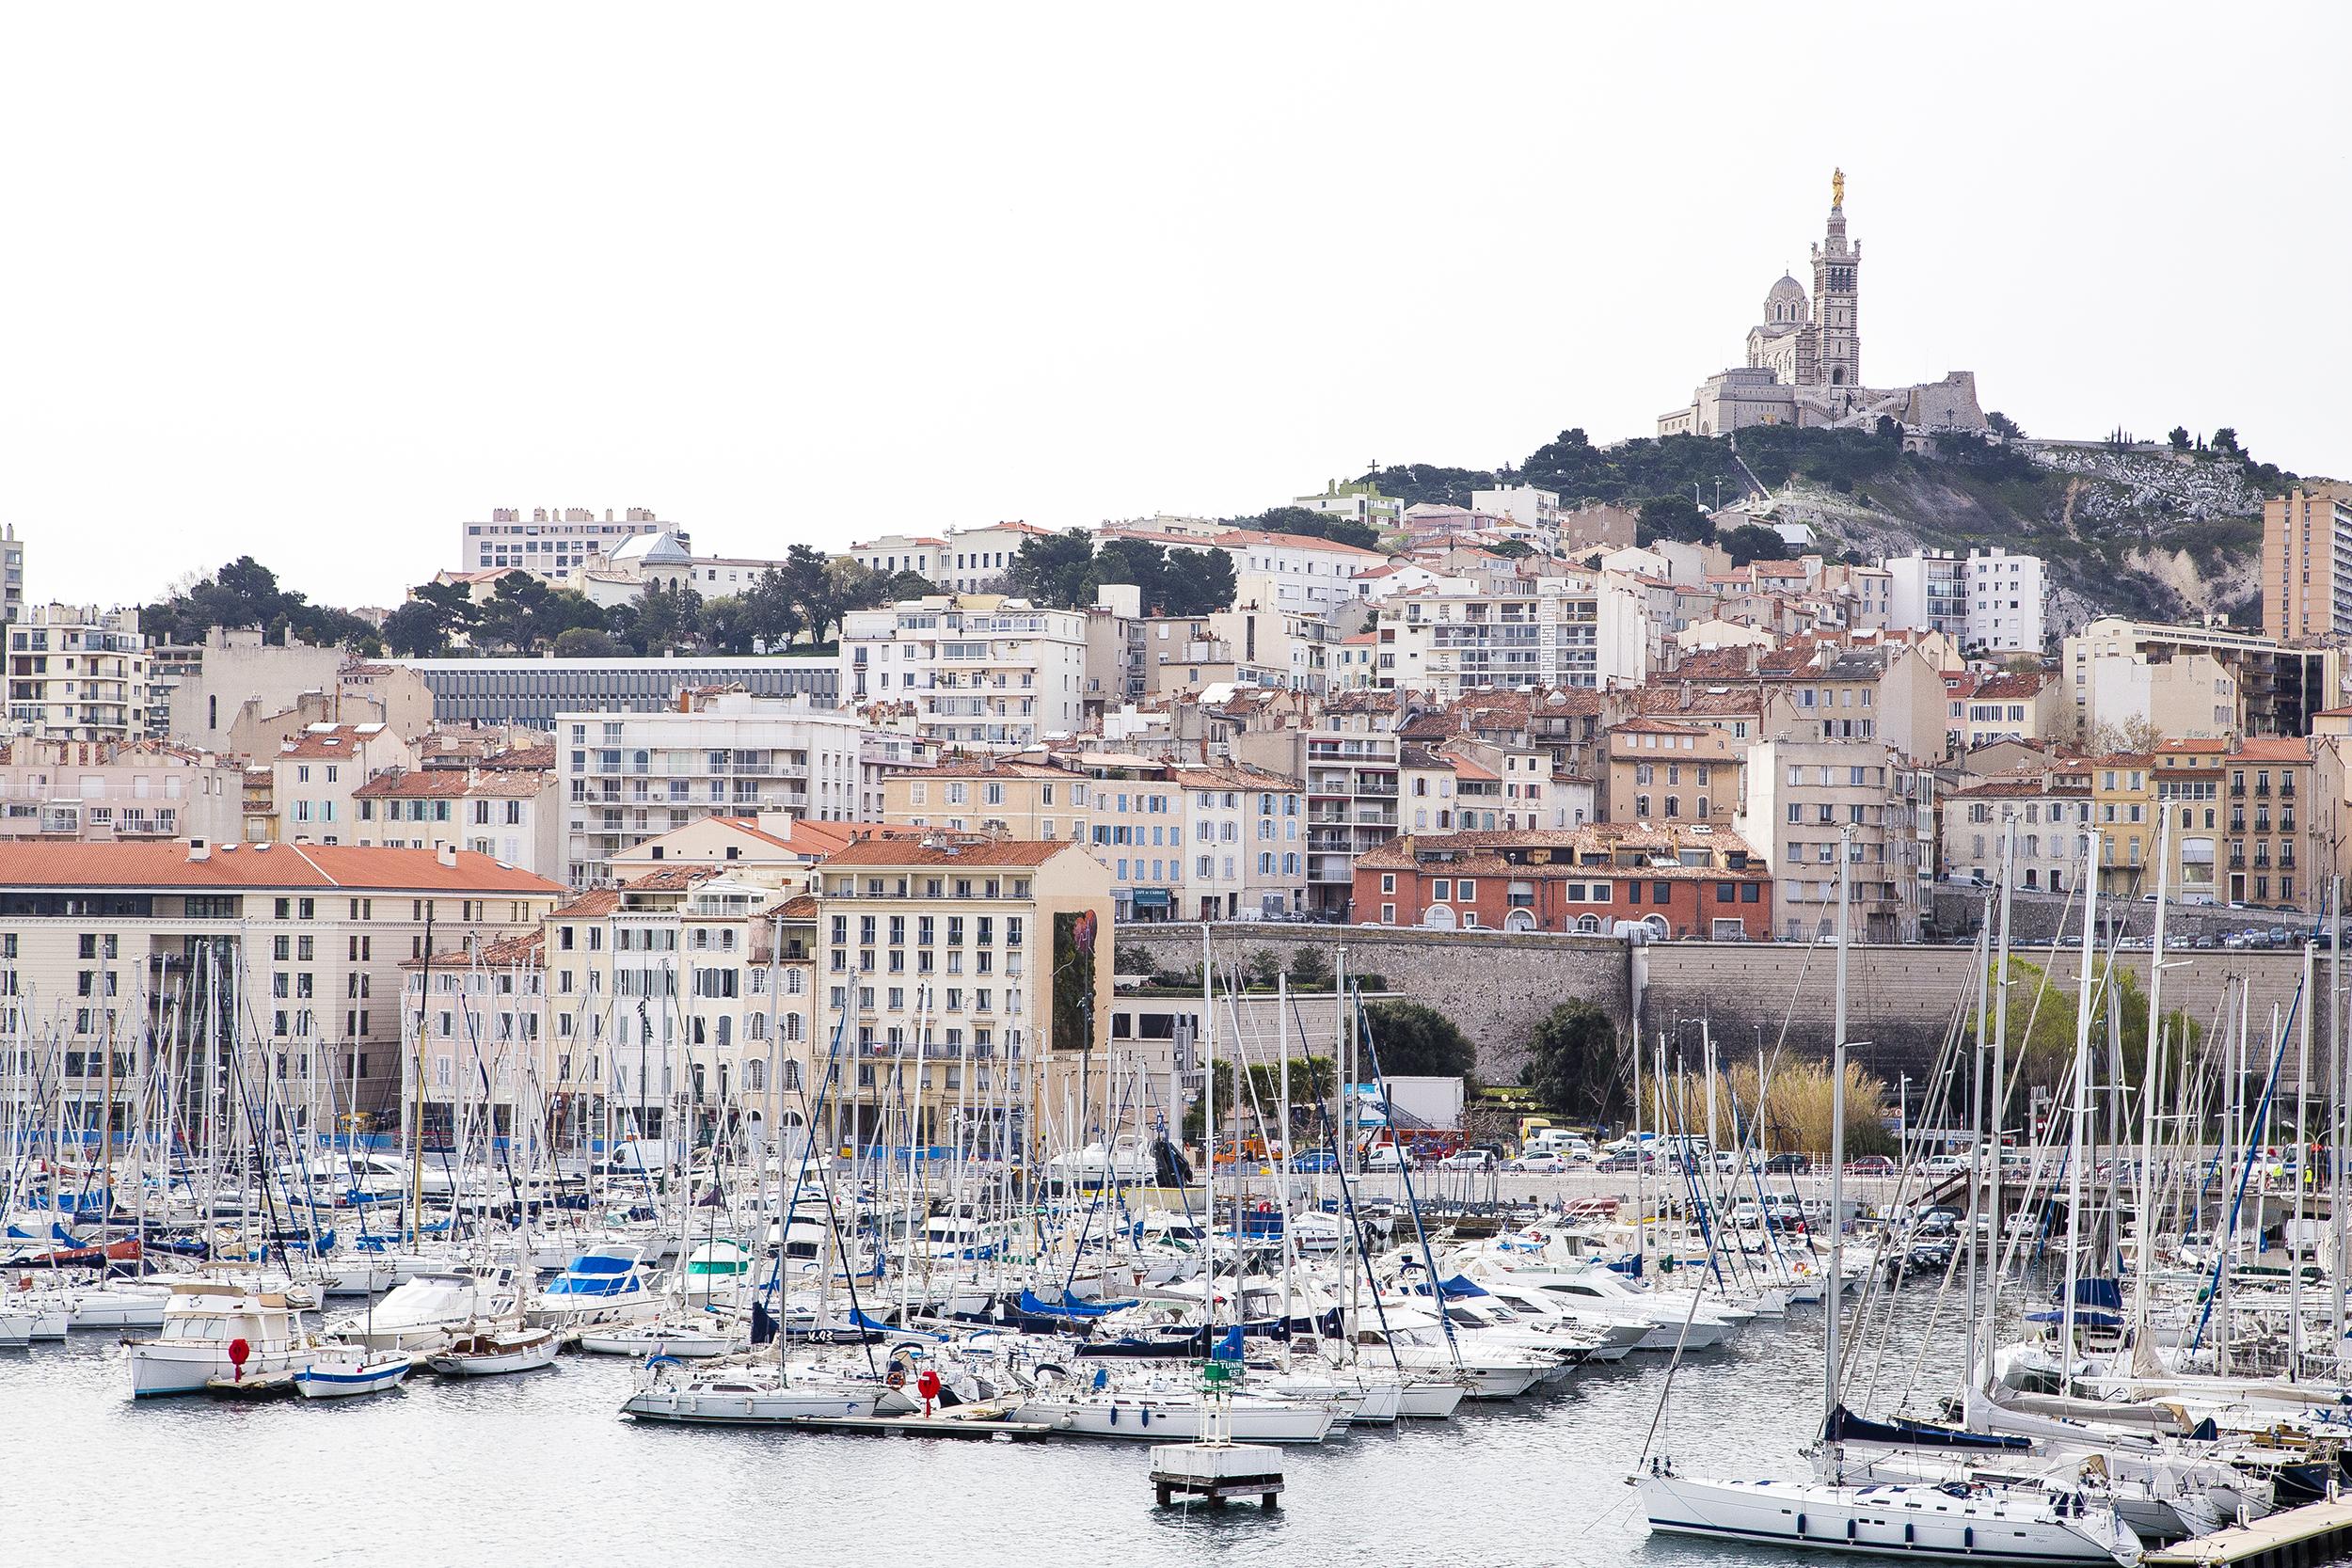 The port and the Notre-Dame de la Garde